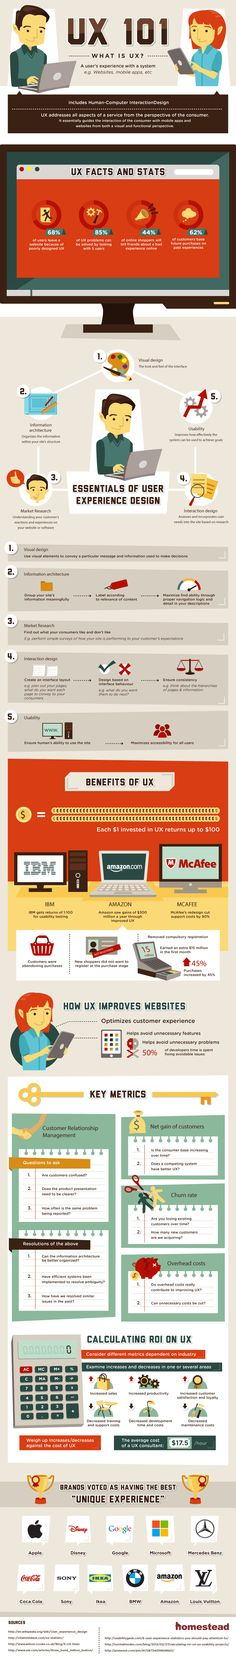 Infografik: User Expirience (UX) = ist das positive Nutzungserlebnis auf einer Website. Webdesign hat eine Aufgabe: den Nutzern helfen sich auf der Website zurecht zu finden und die wichtigen von den weniger wichtigen Dinge unterscheidbar zu machen.